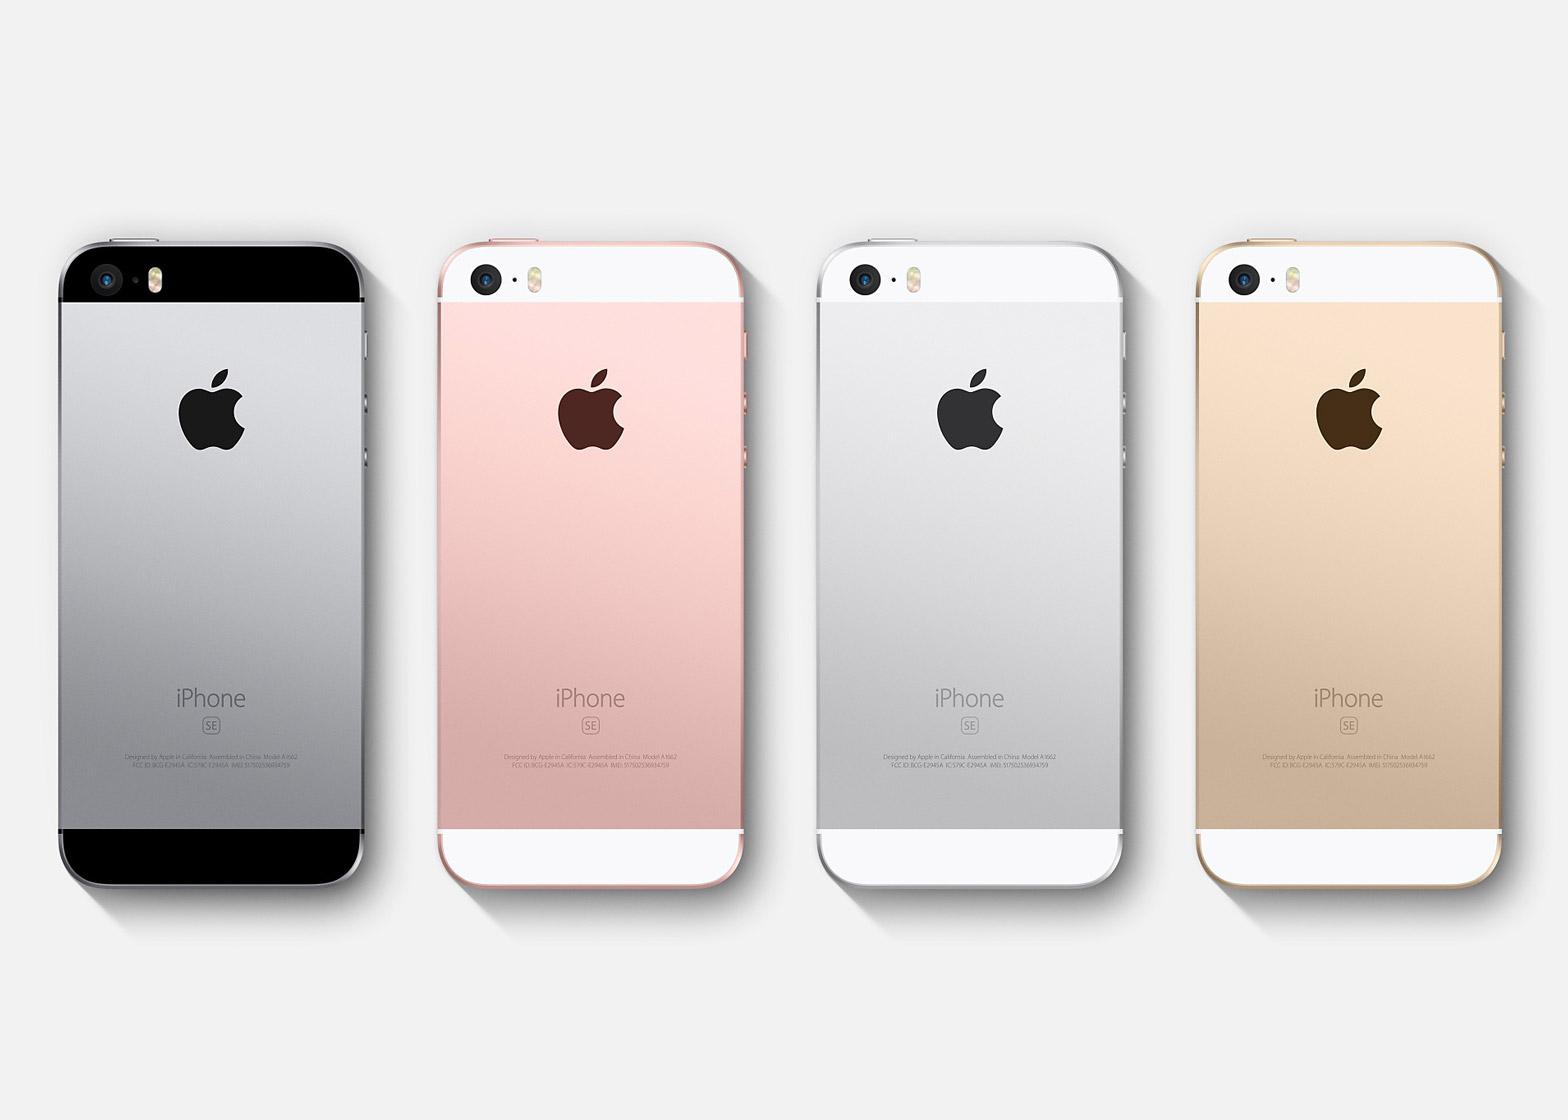 Los mejores teléfonos compactos apple iphone s6